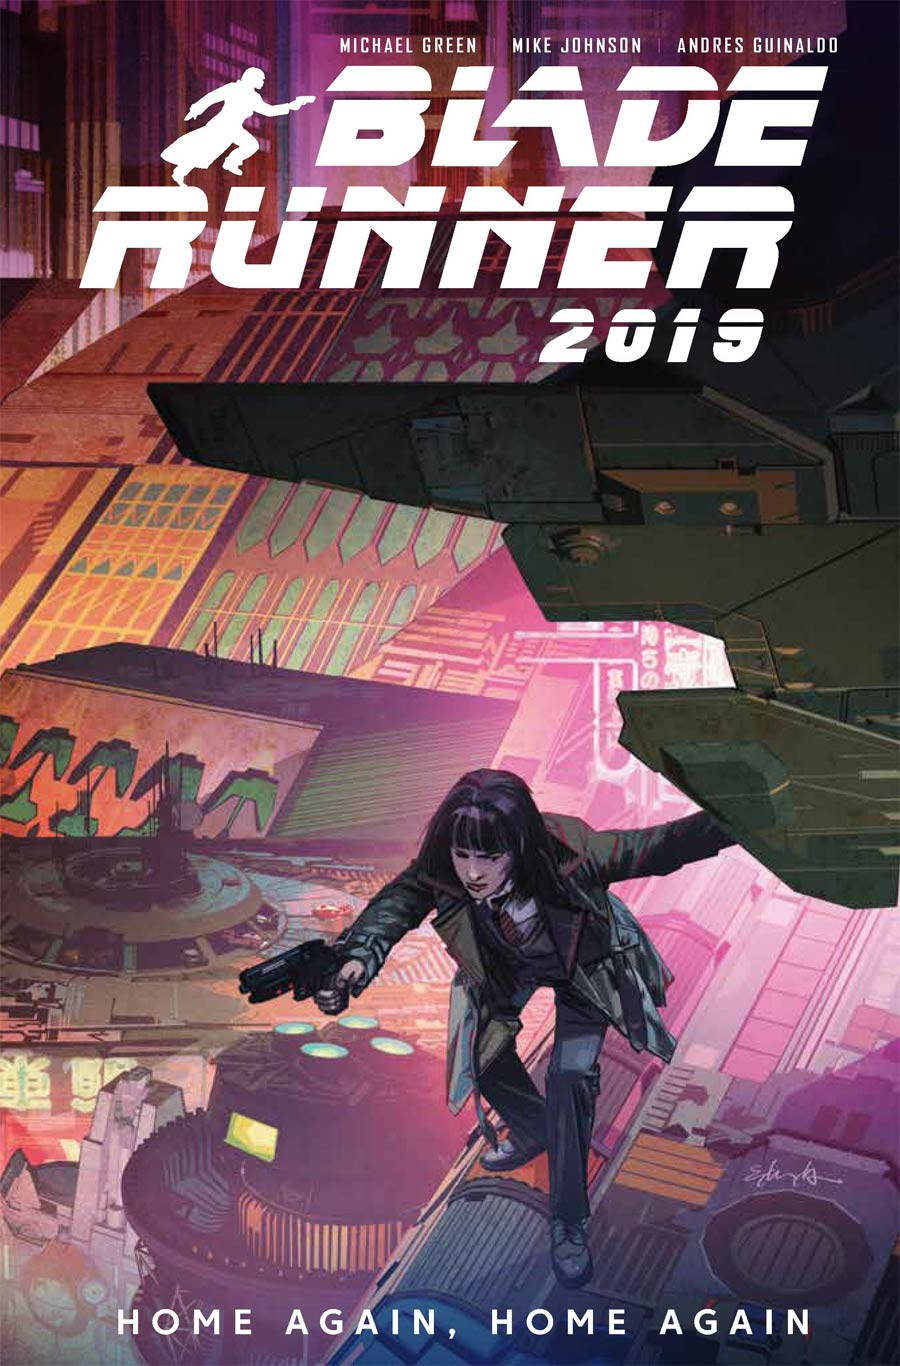 Blade Runner 2019 Vol 3 Home Again Home Again TP